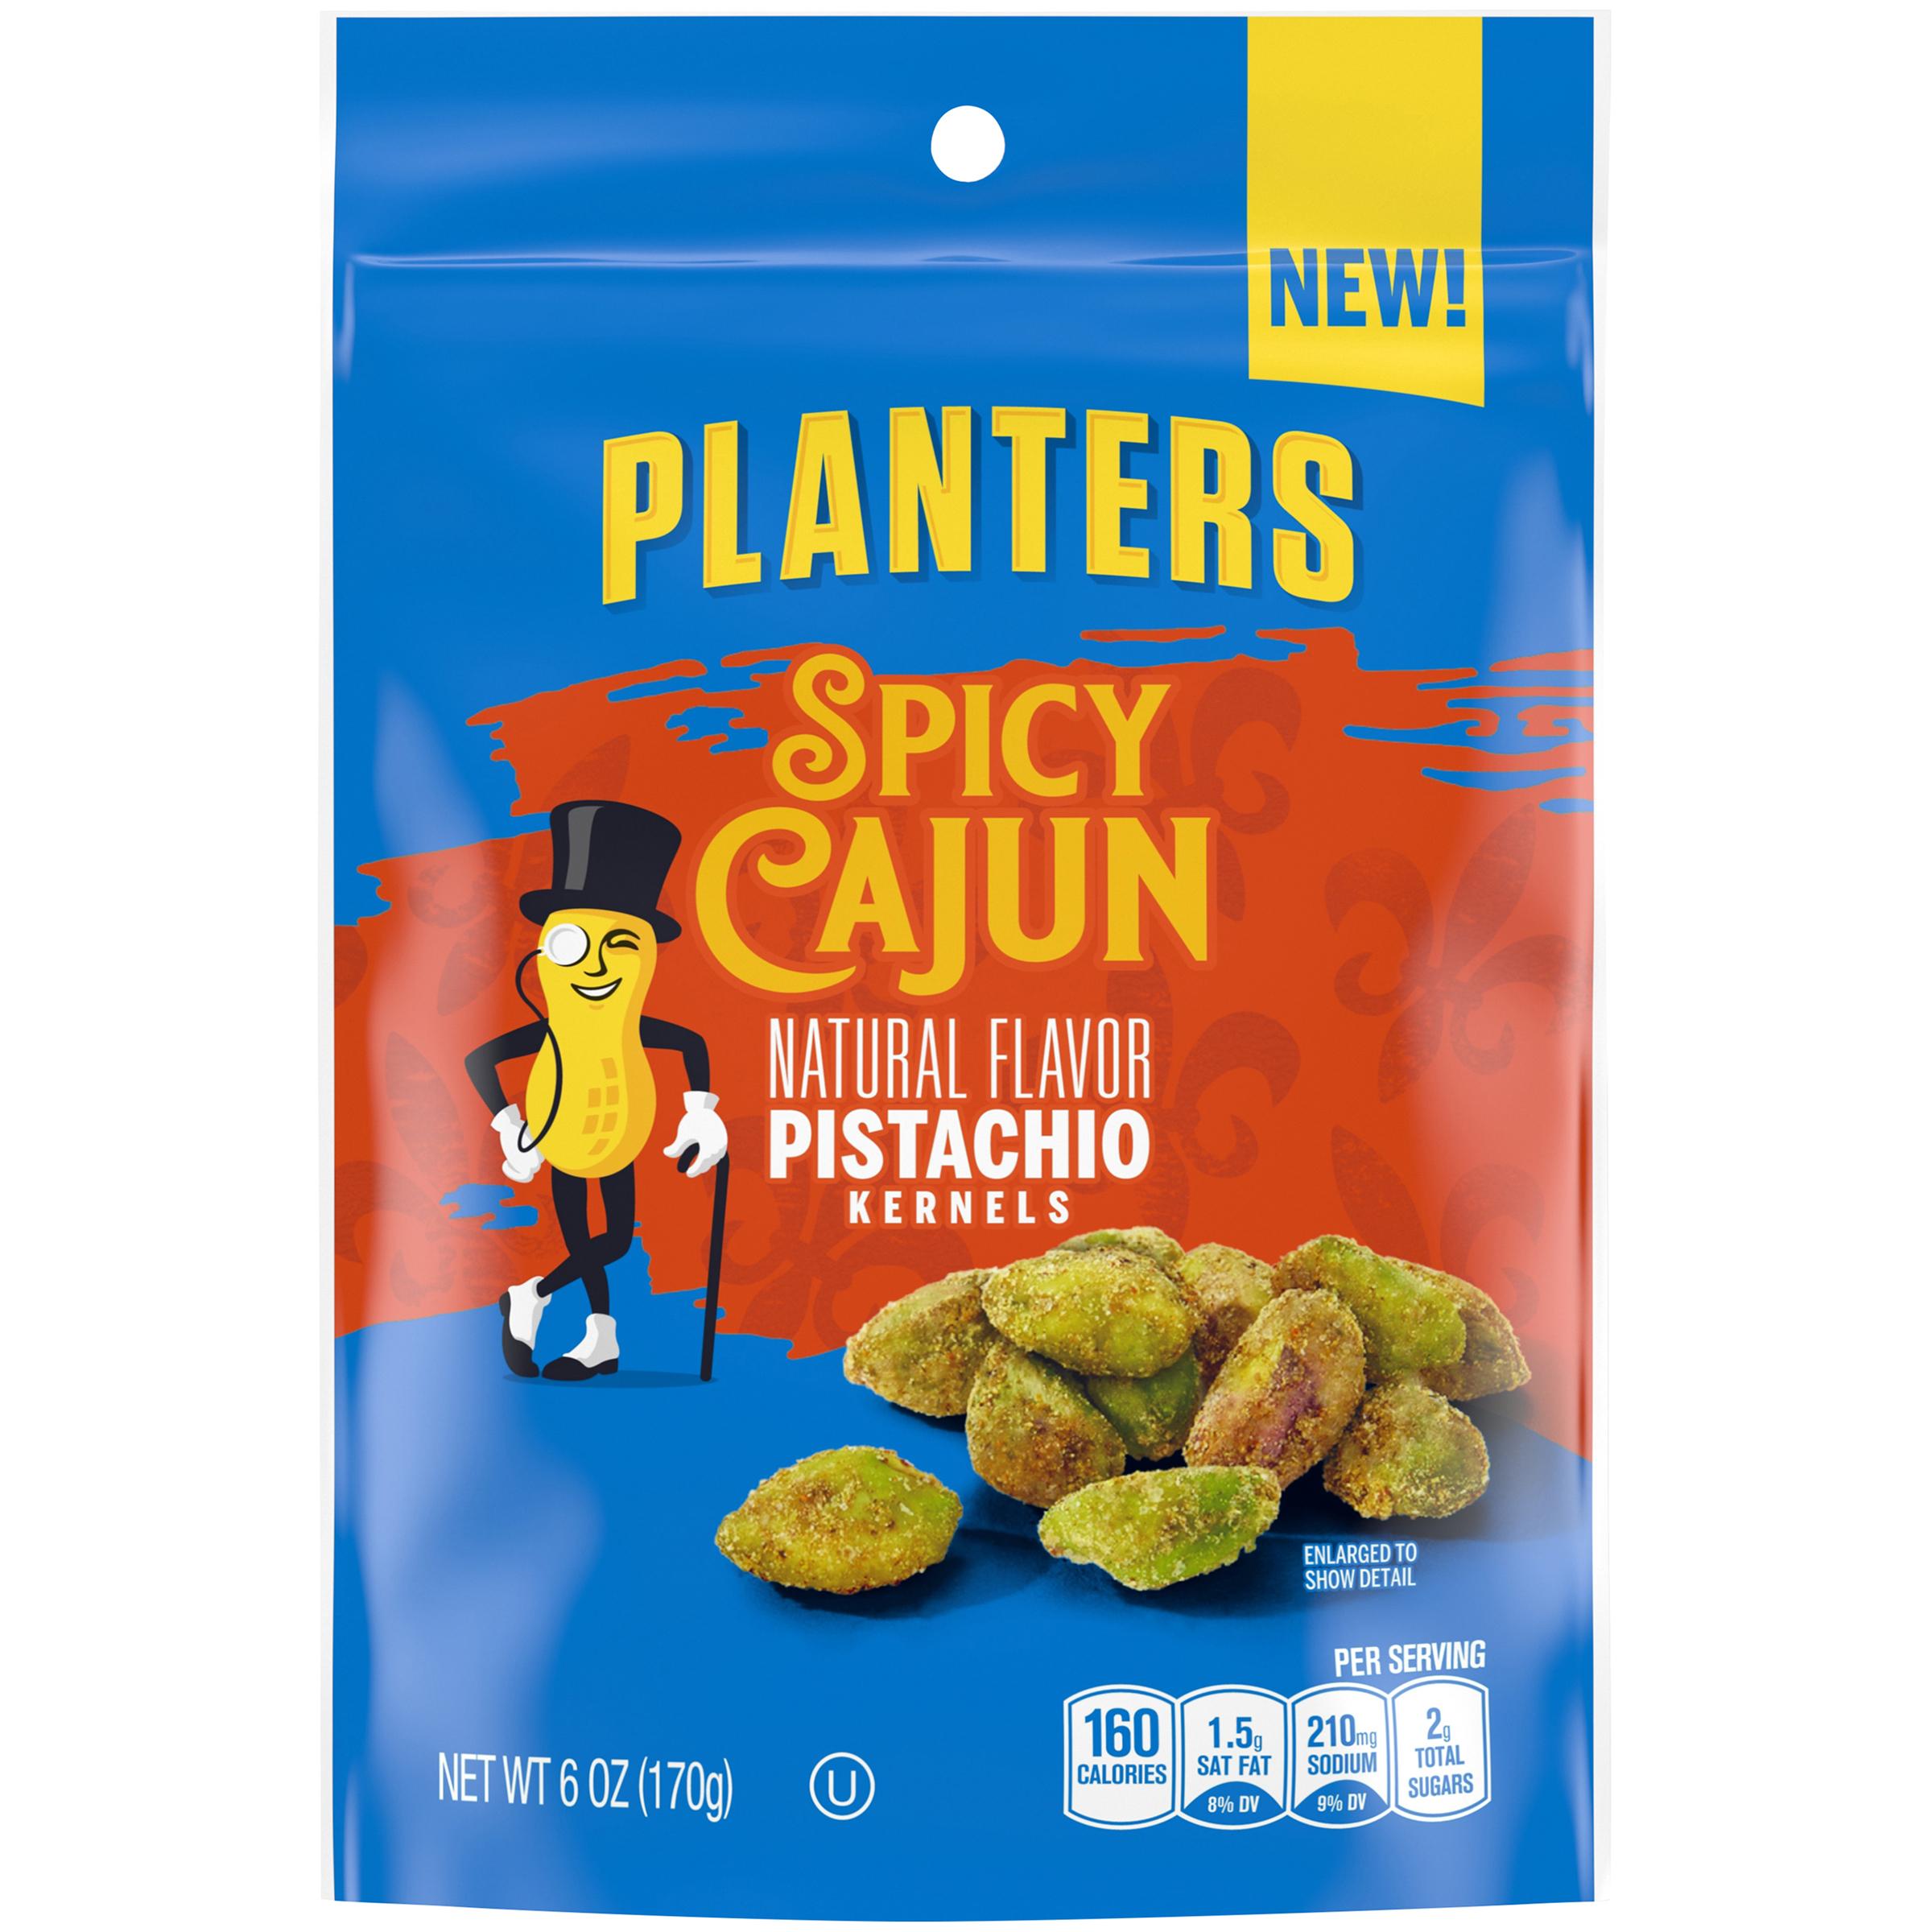 Planters Spicy Cajun Pistachio Kernels, 6 oz Bag image